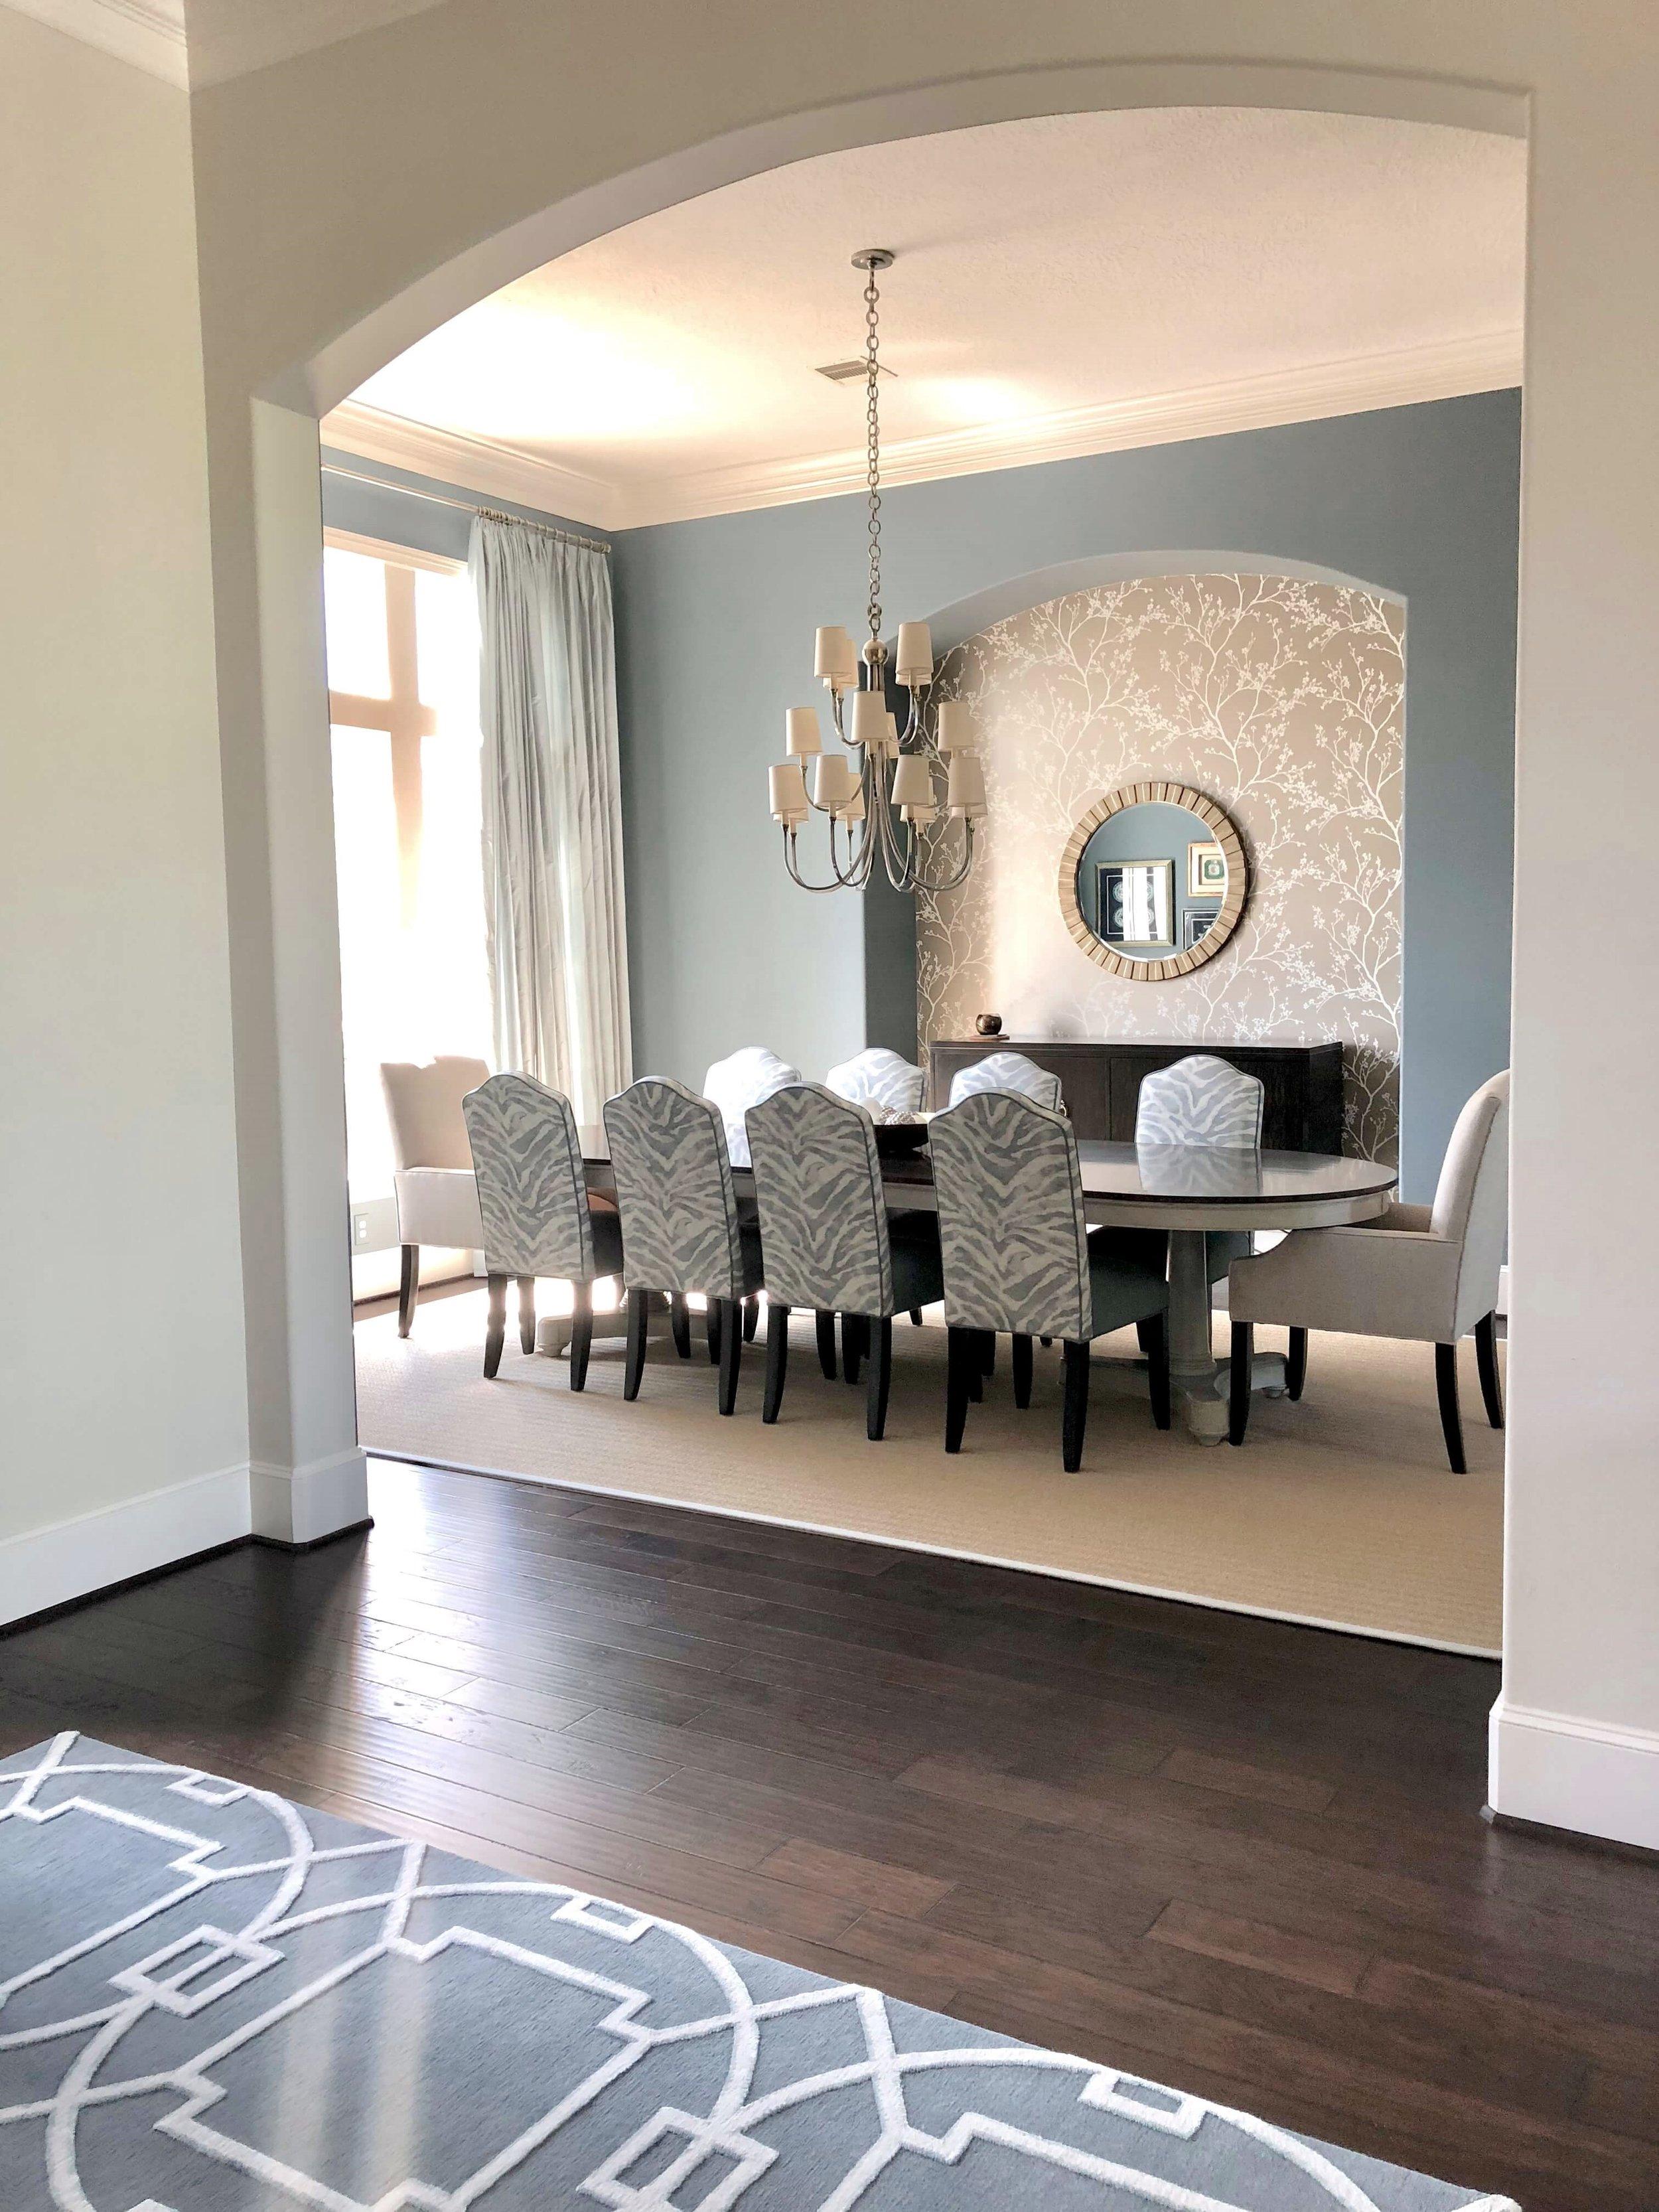 Whole House Project - Dining Room, Carla Aston - Designer #bluediningroom #diningroomideas